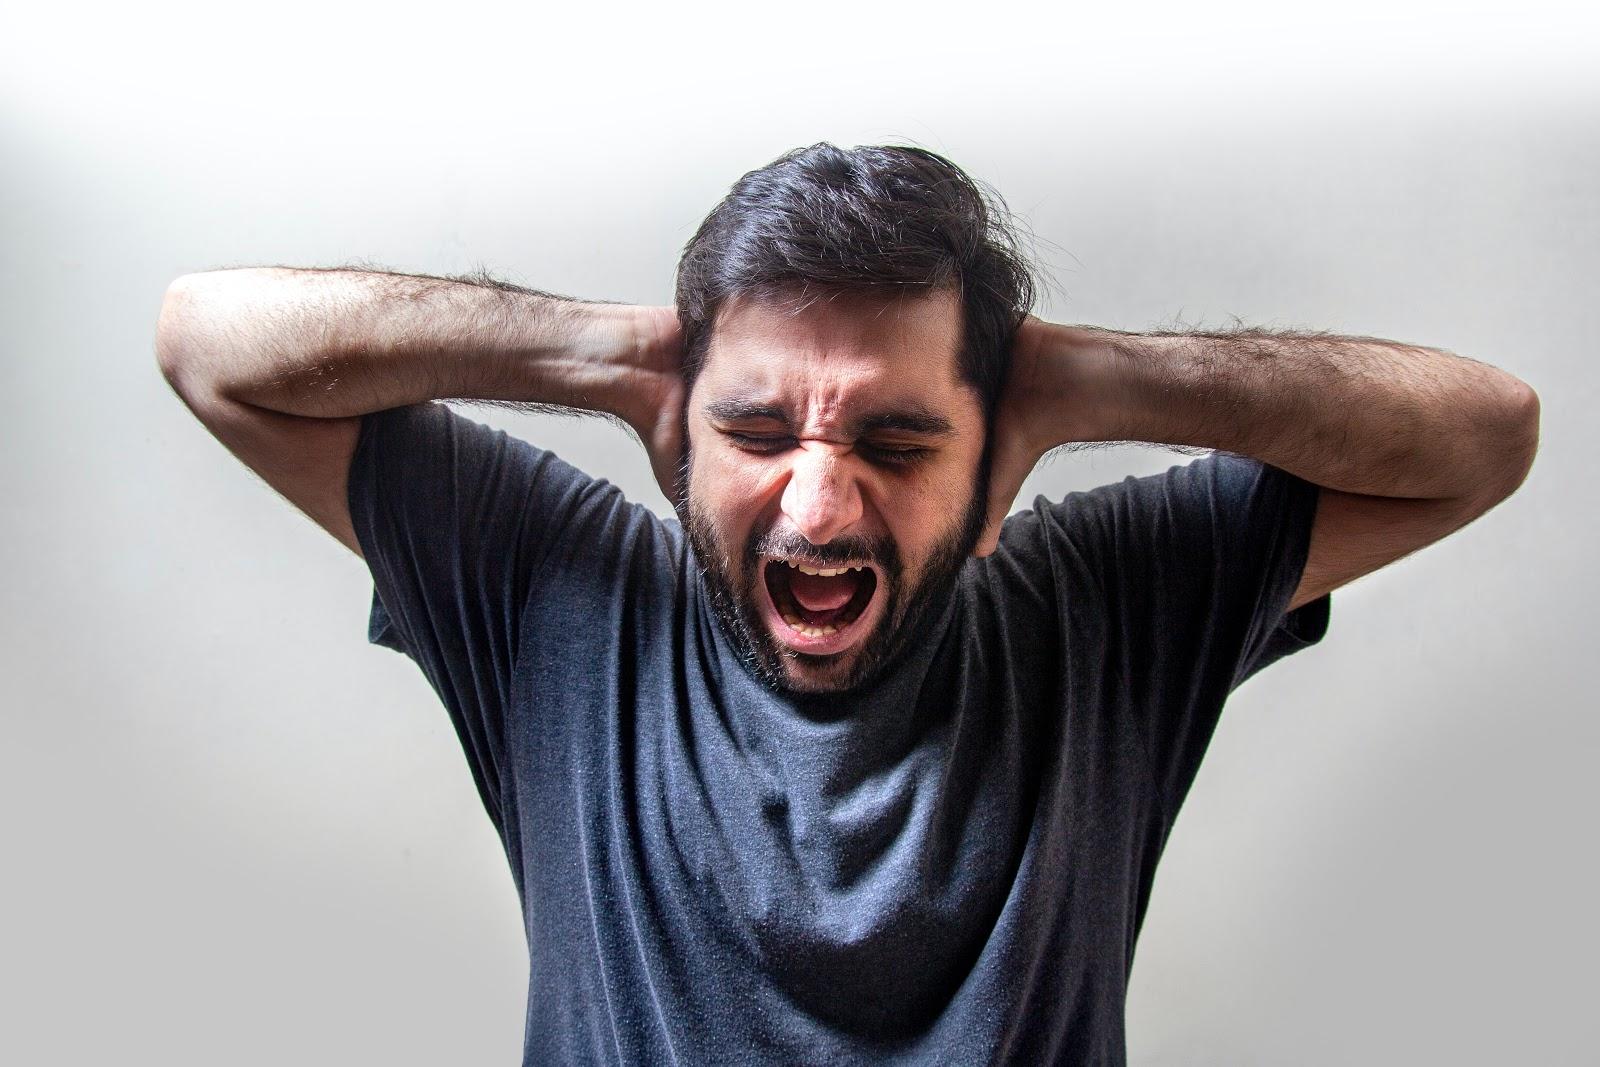 Homme qui craque à cause du stress